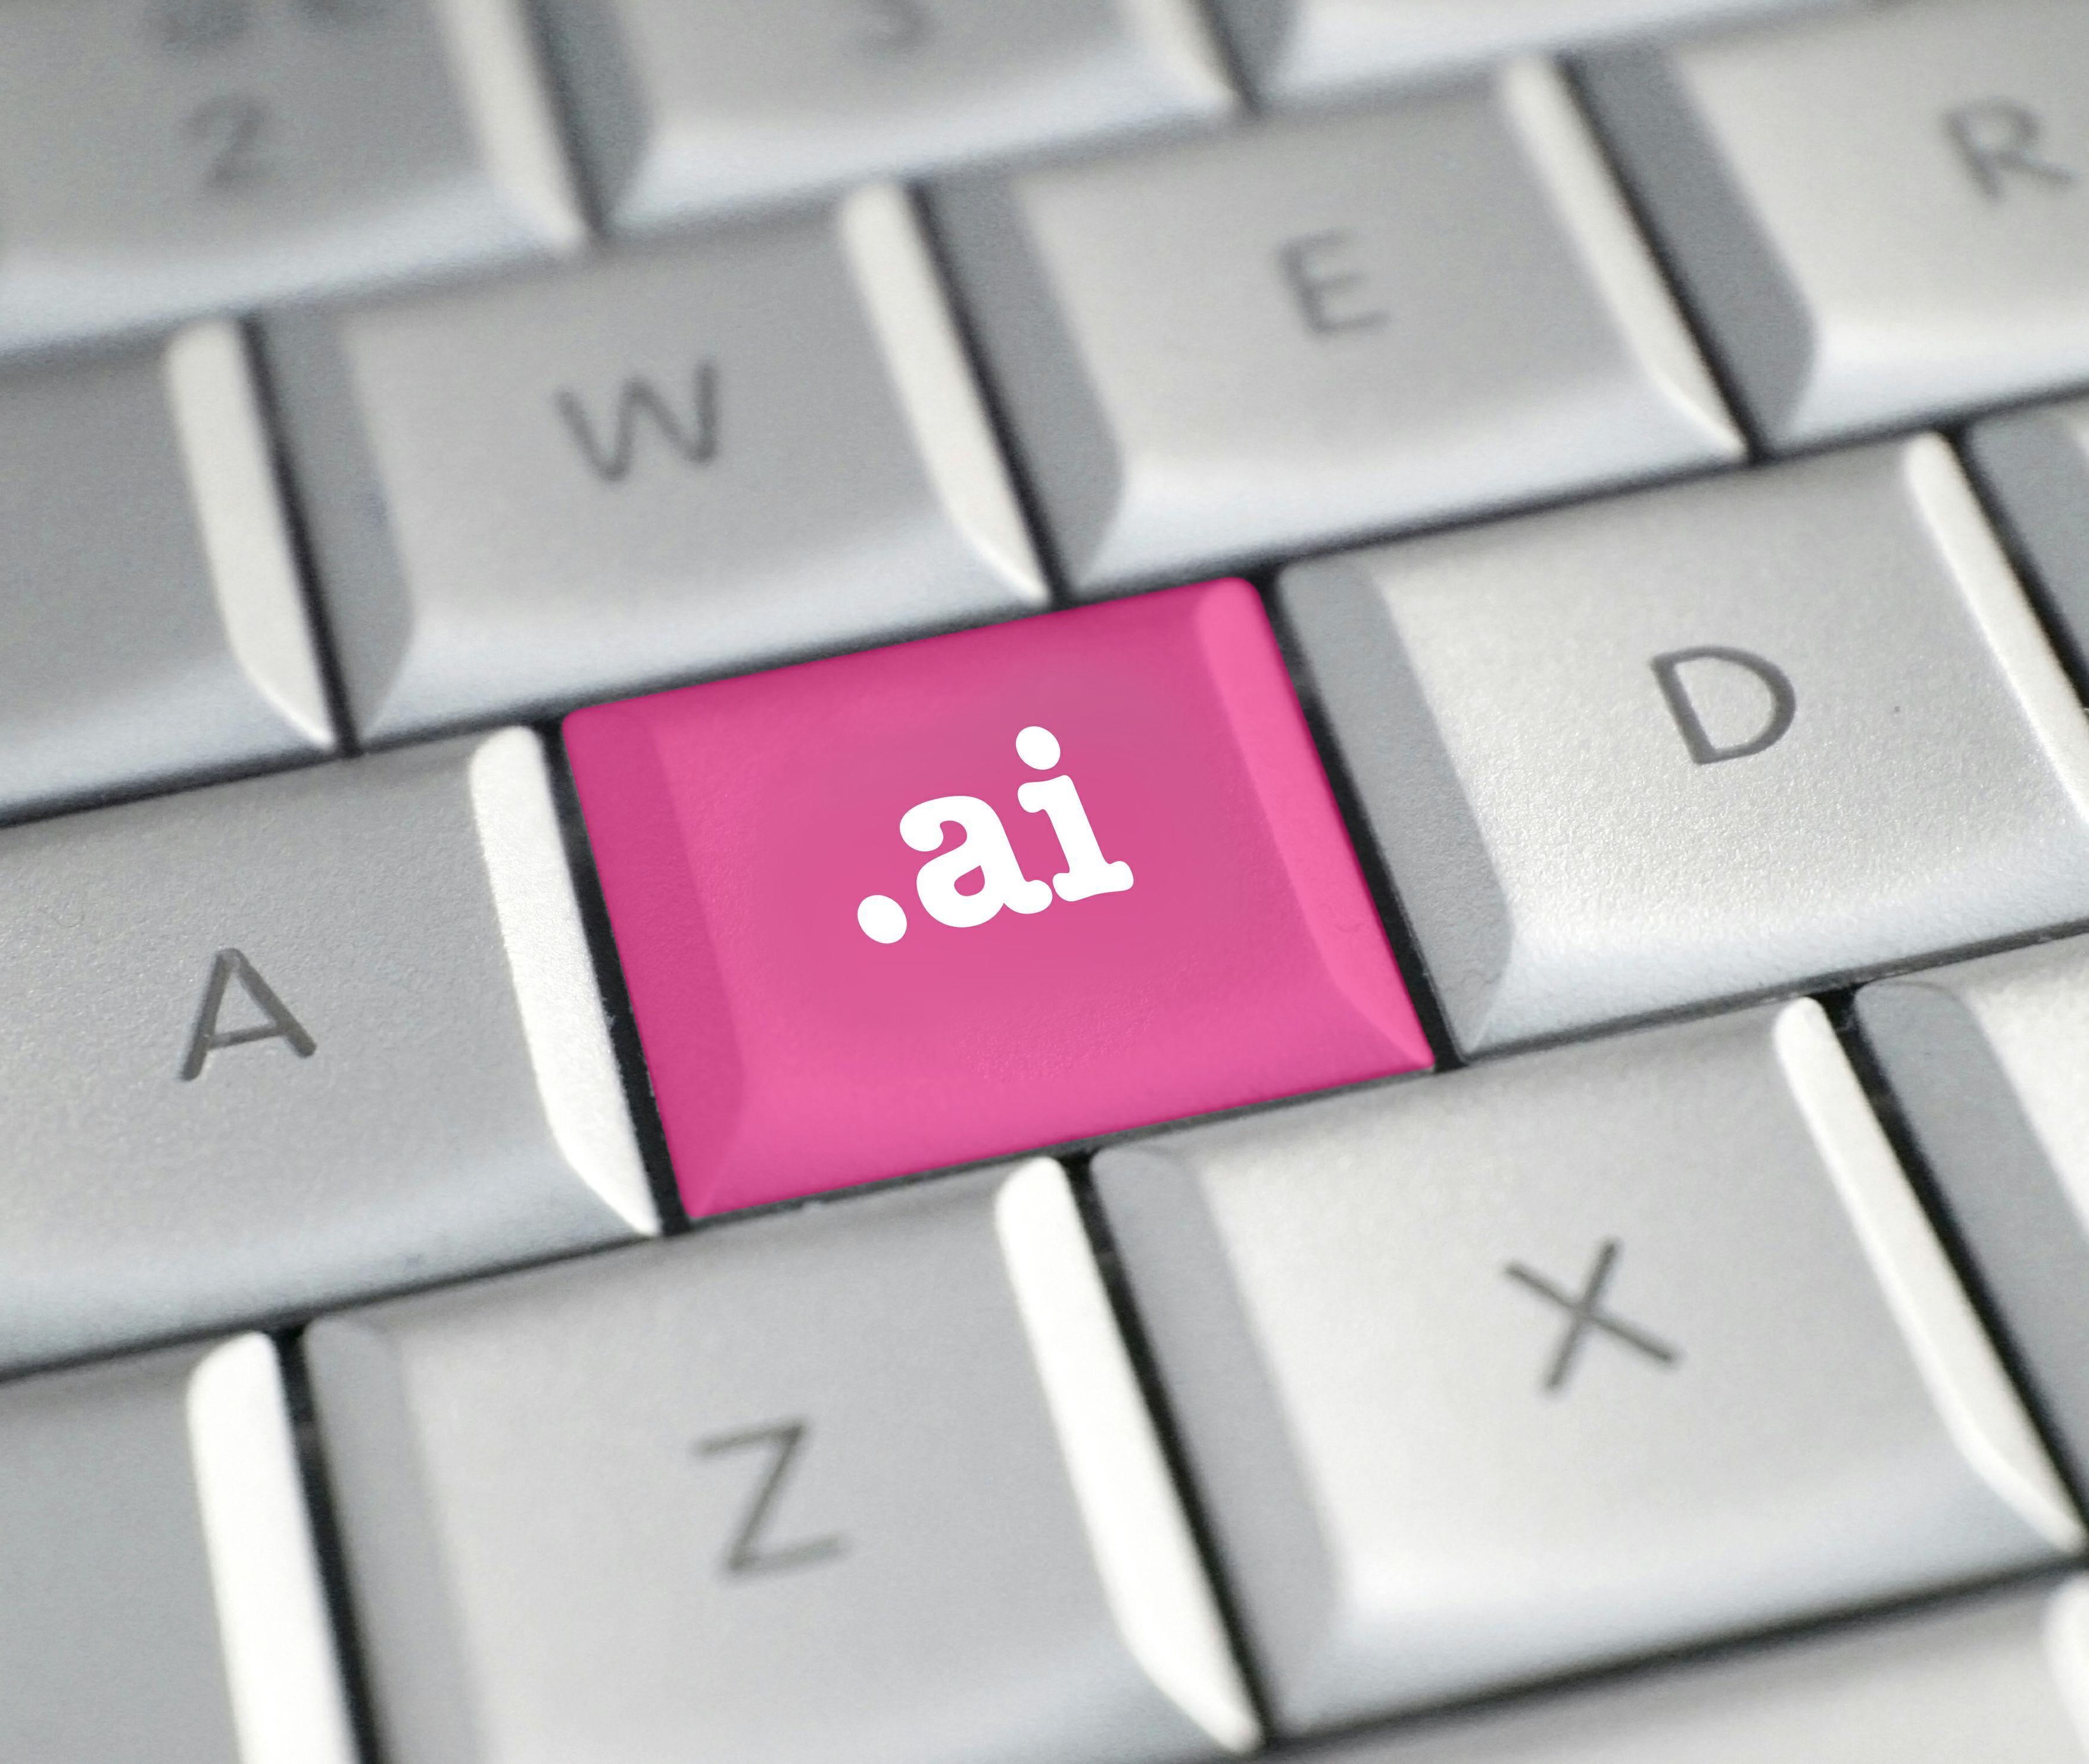 AlphaZero达成终极进化体,史上最强棋类AI降临!